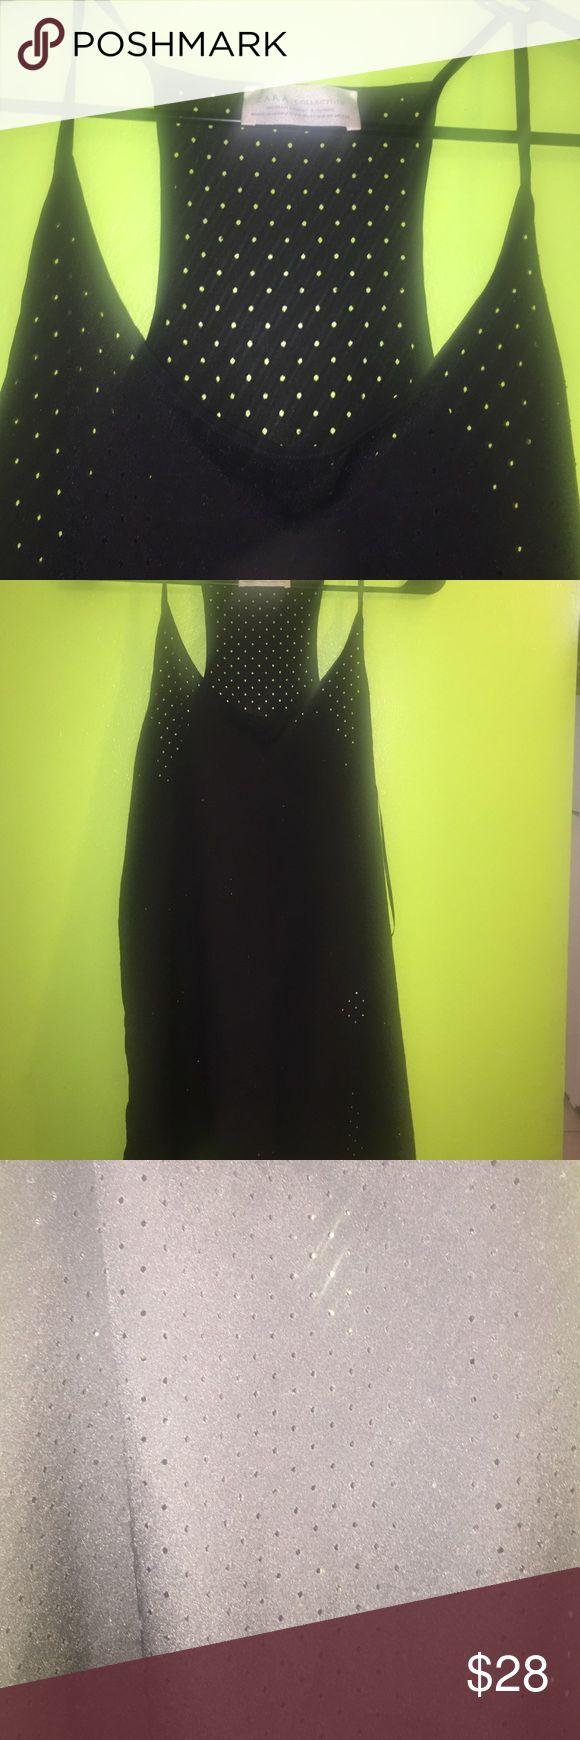 Zara black spaghetti strap Woman & basic tshirts: 100% Polyester Zara Tops